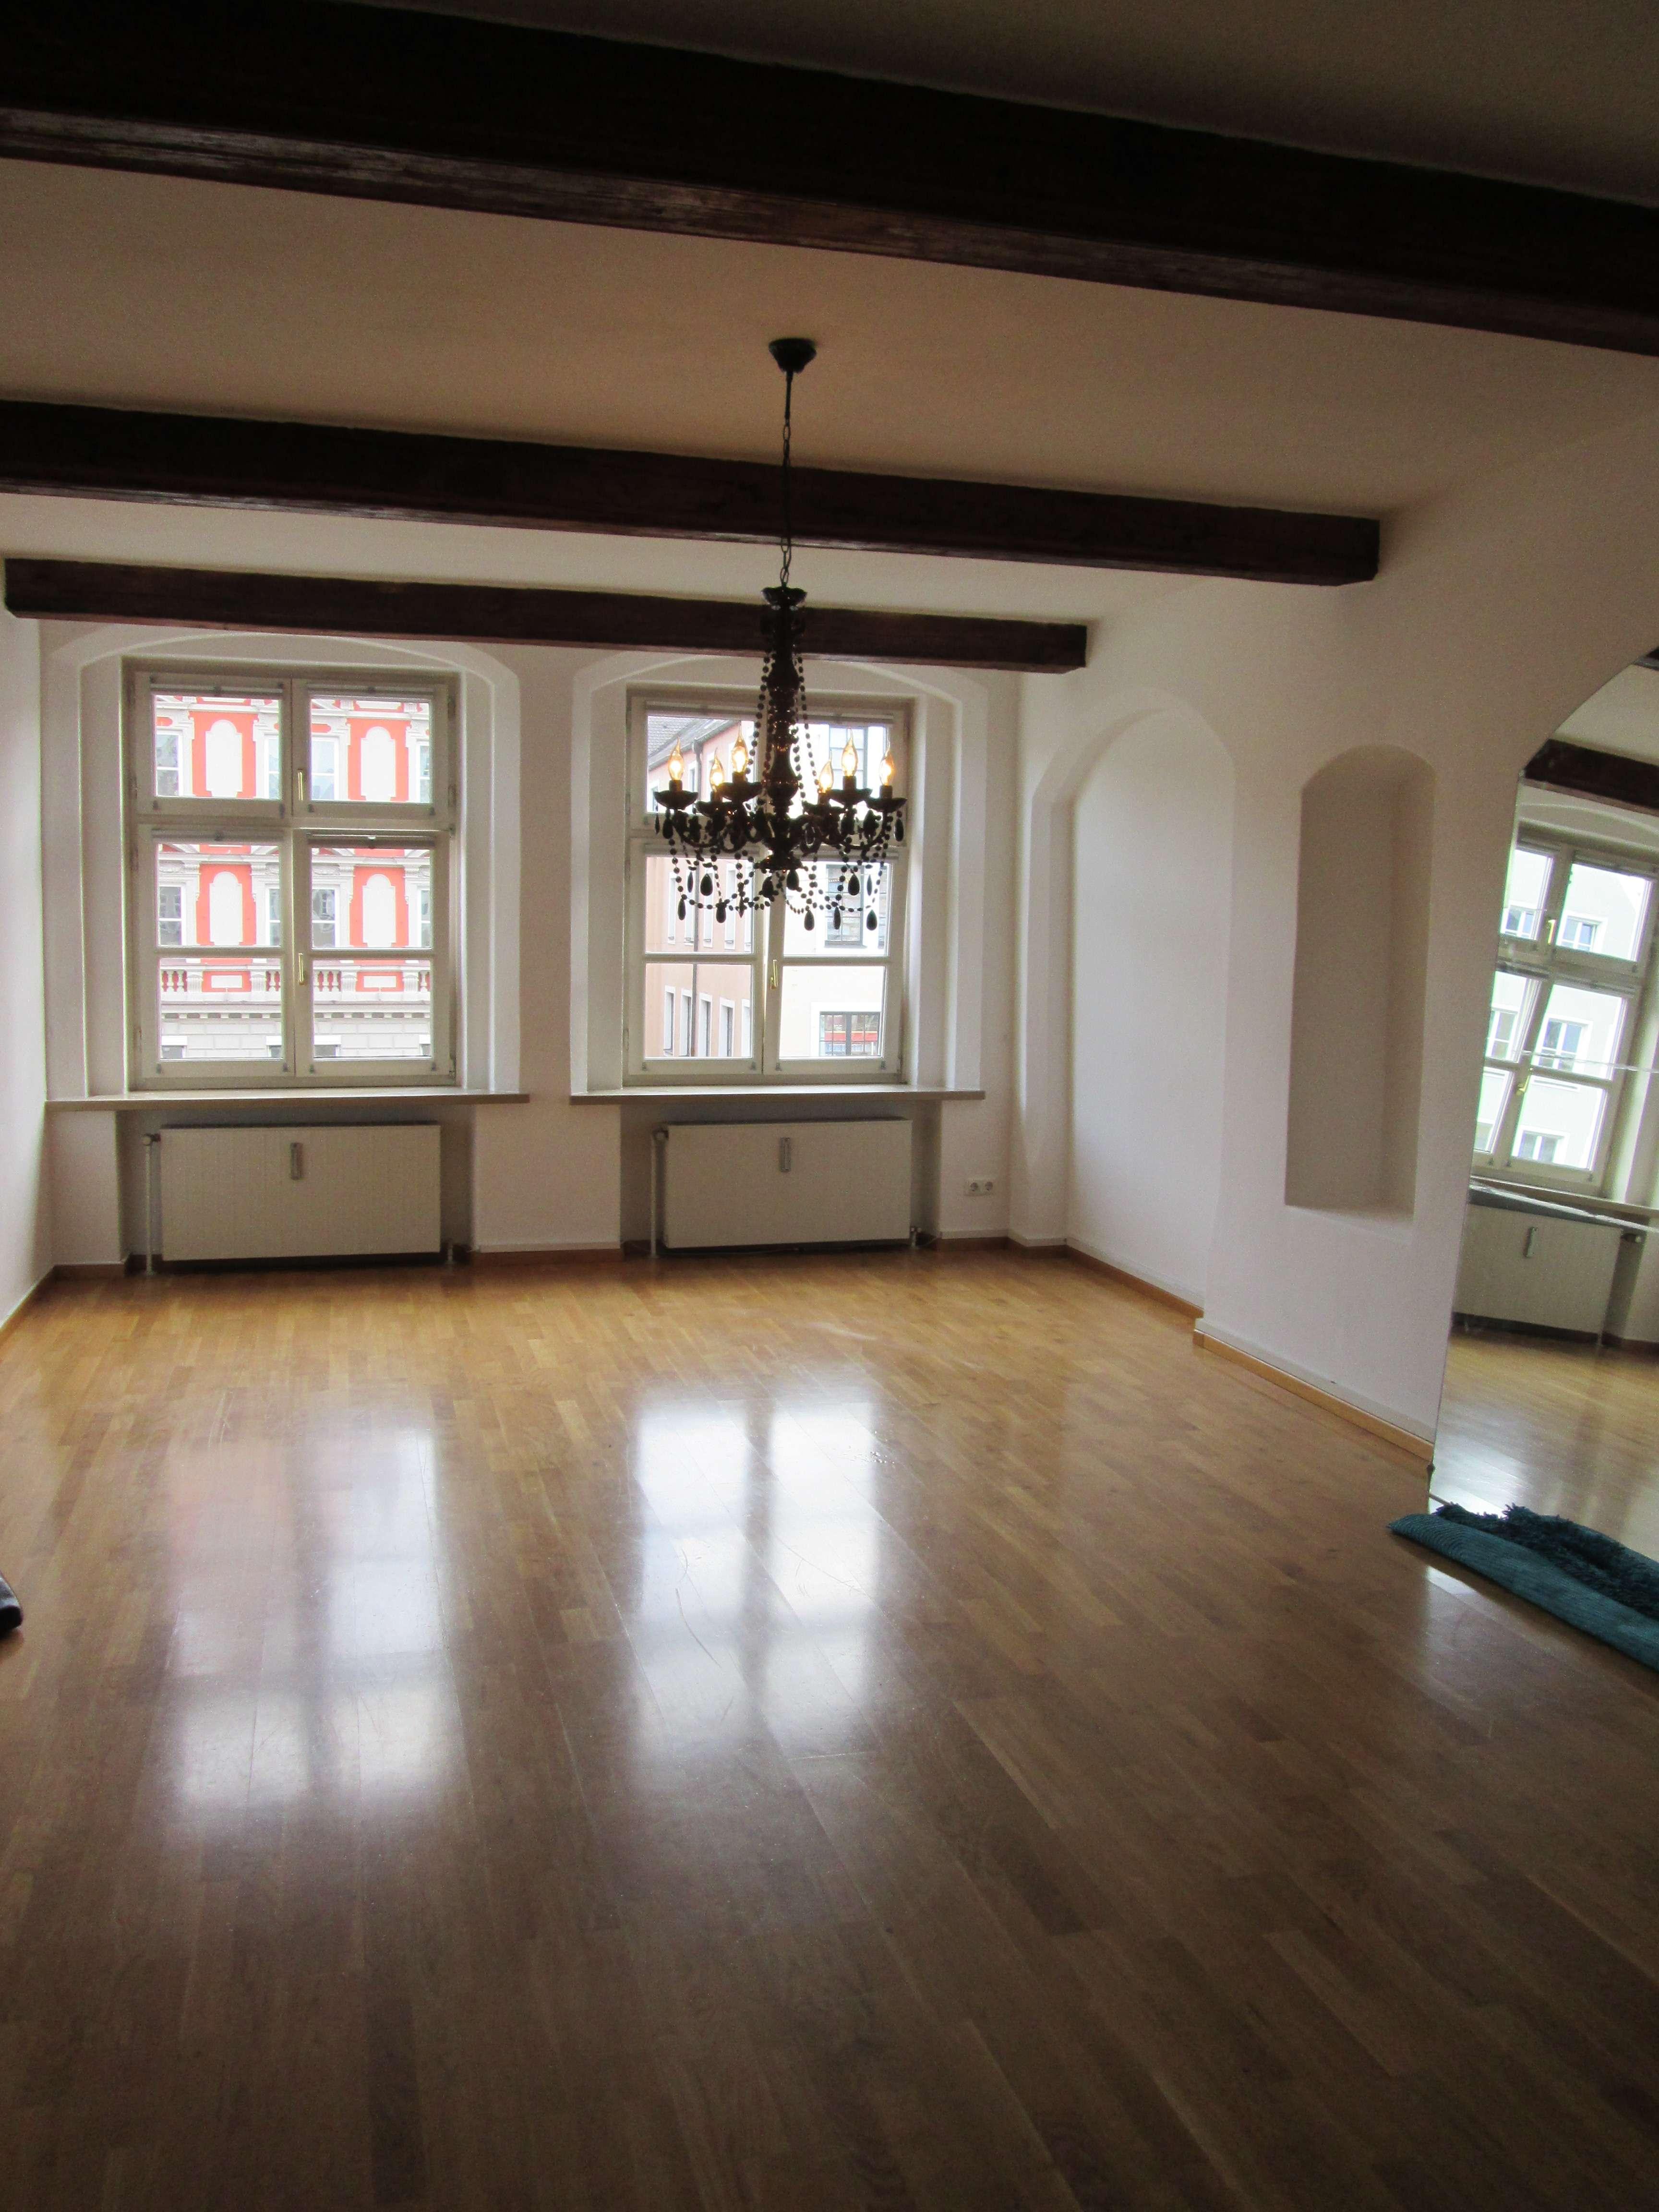 Tolle Lage direkt in der Altstadt***2-Zimmer***schönes großes helles Wohnzimmer***